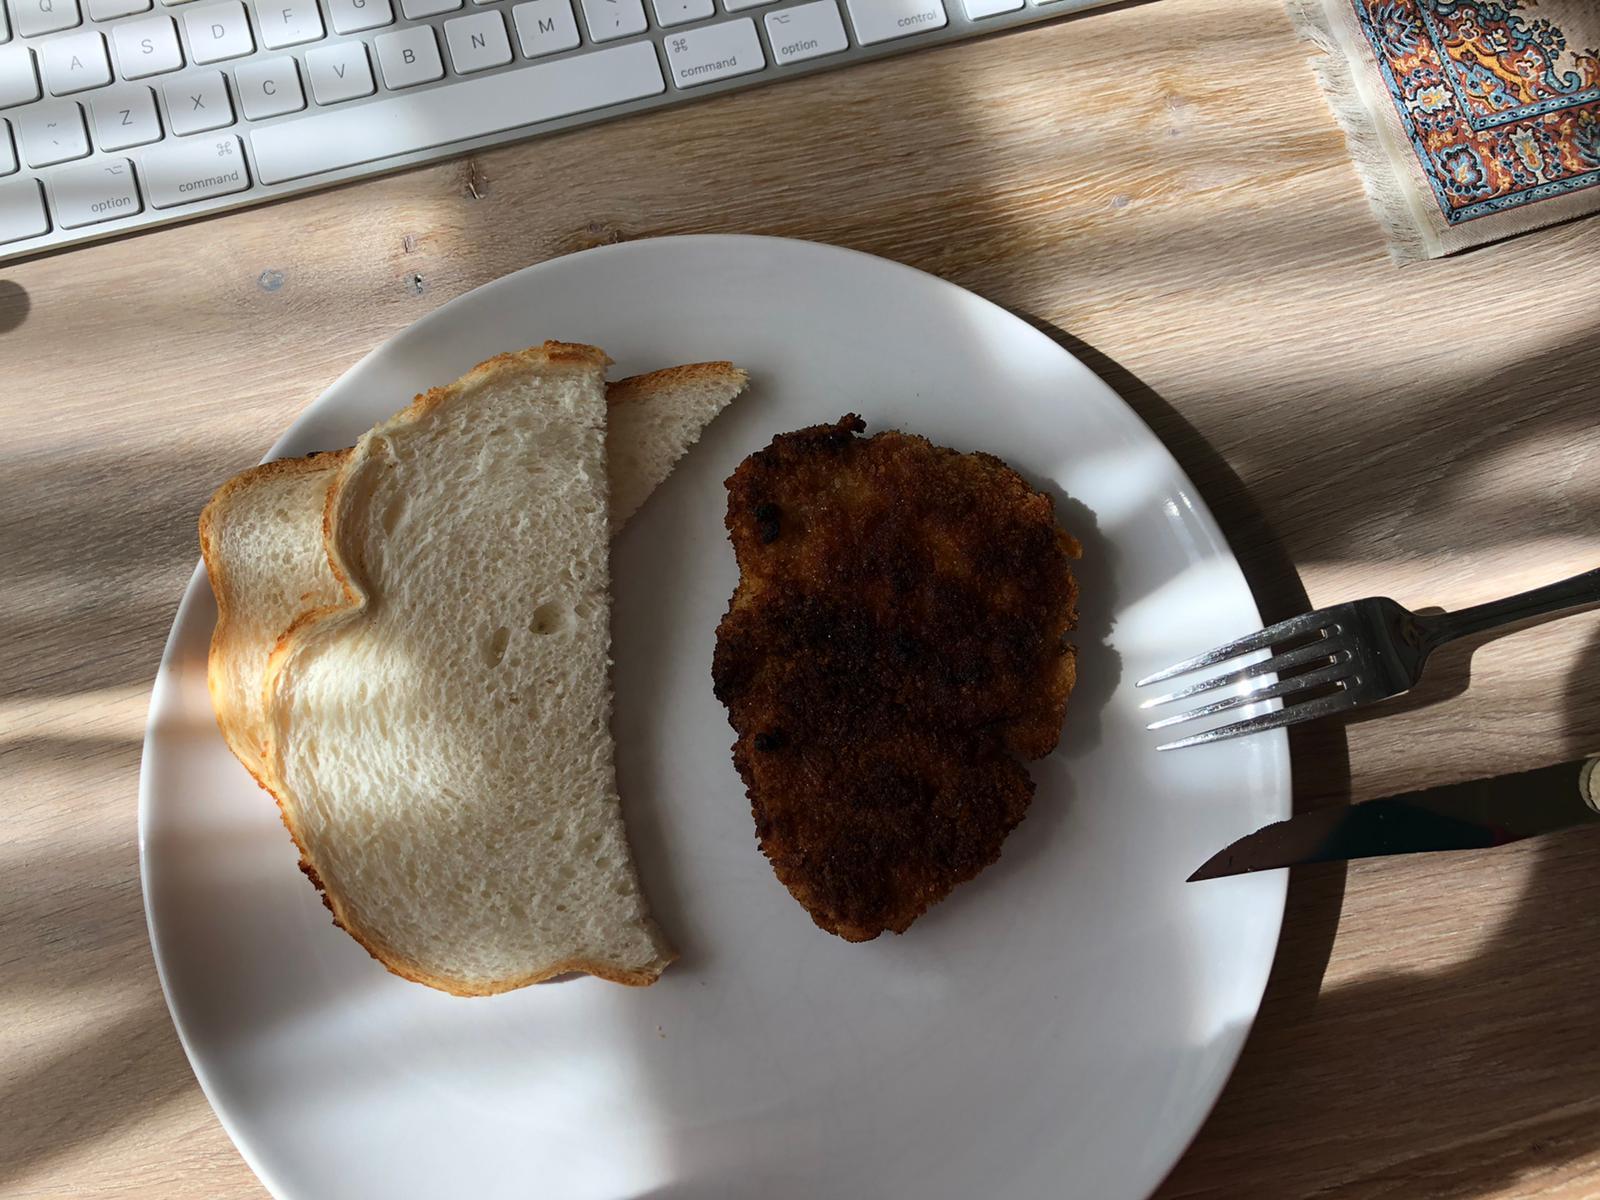 Lunchen met schnitzel